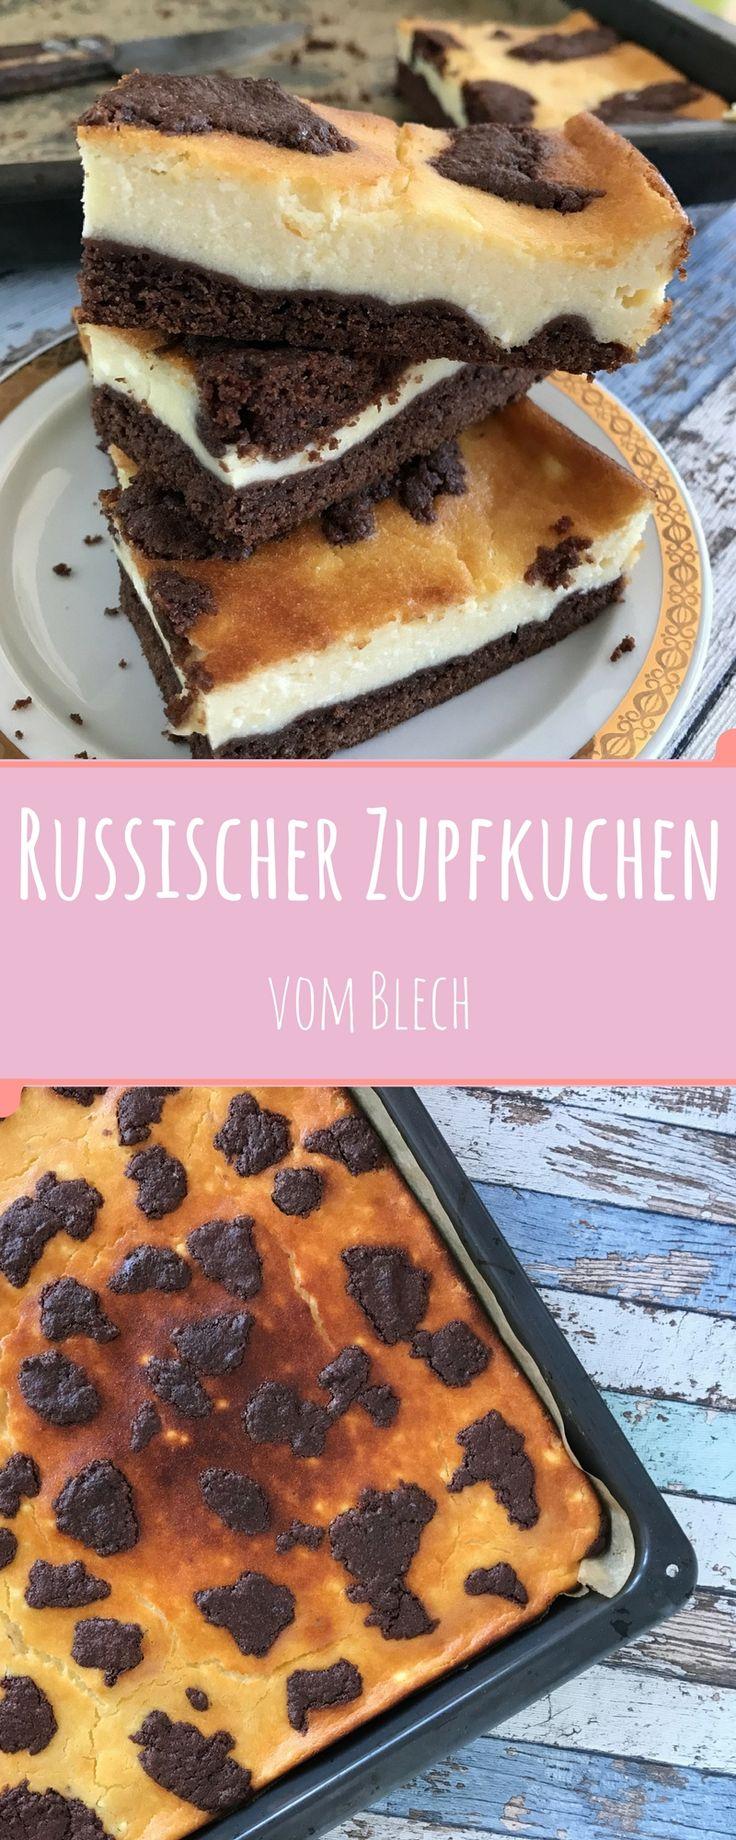 Ein ganzes Blech voll Russischen Zupfkuchen - quasi eine kulinarische Übertreibung für alle Käsekuchenfreunde.